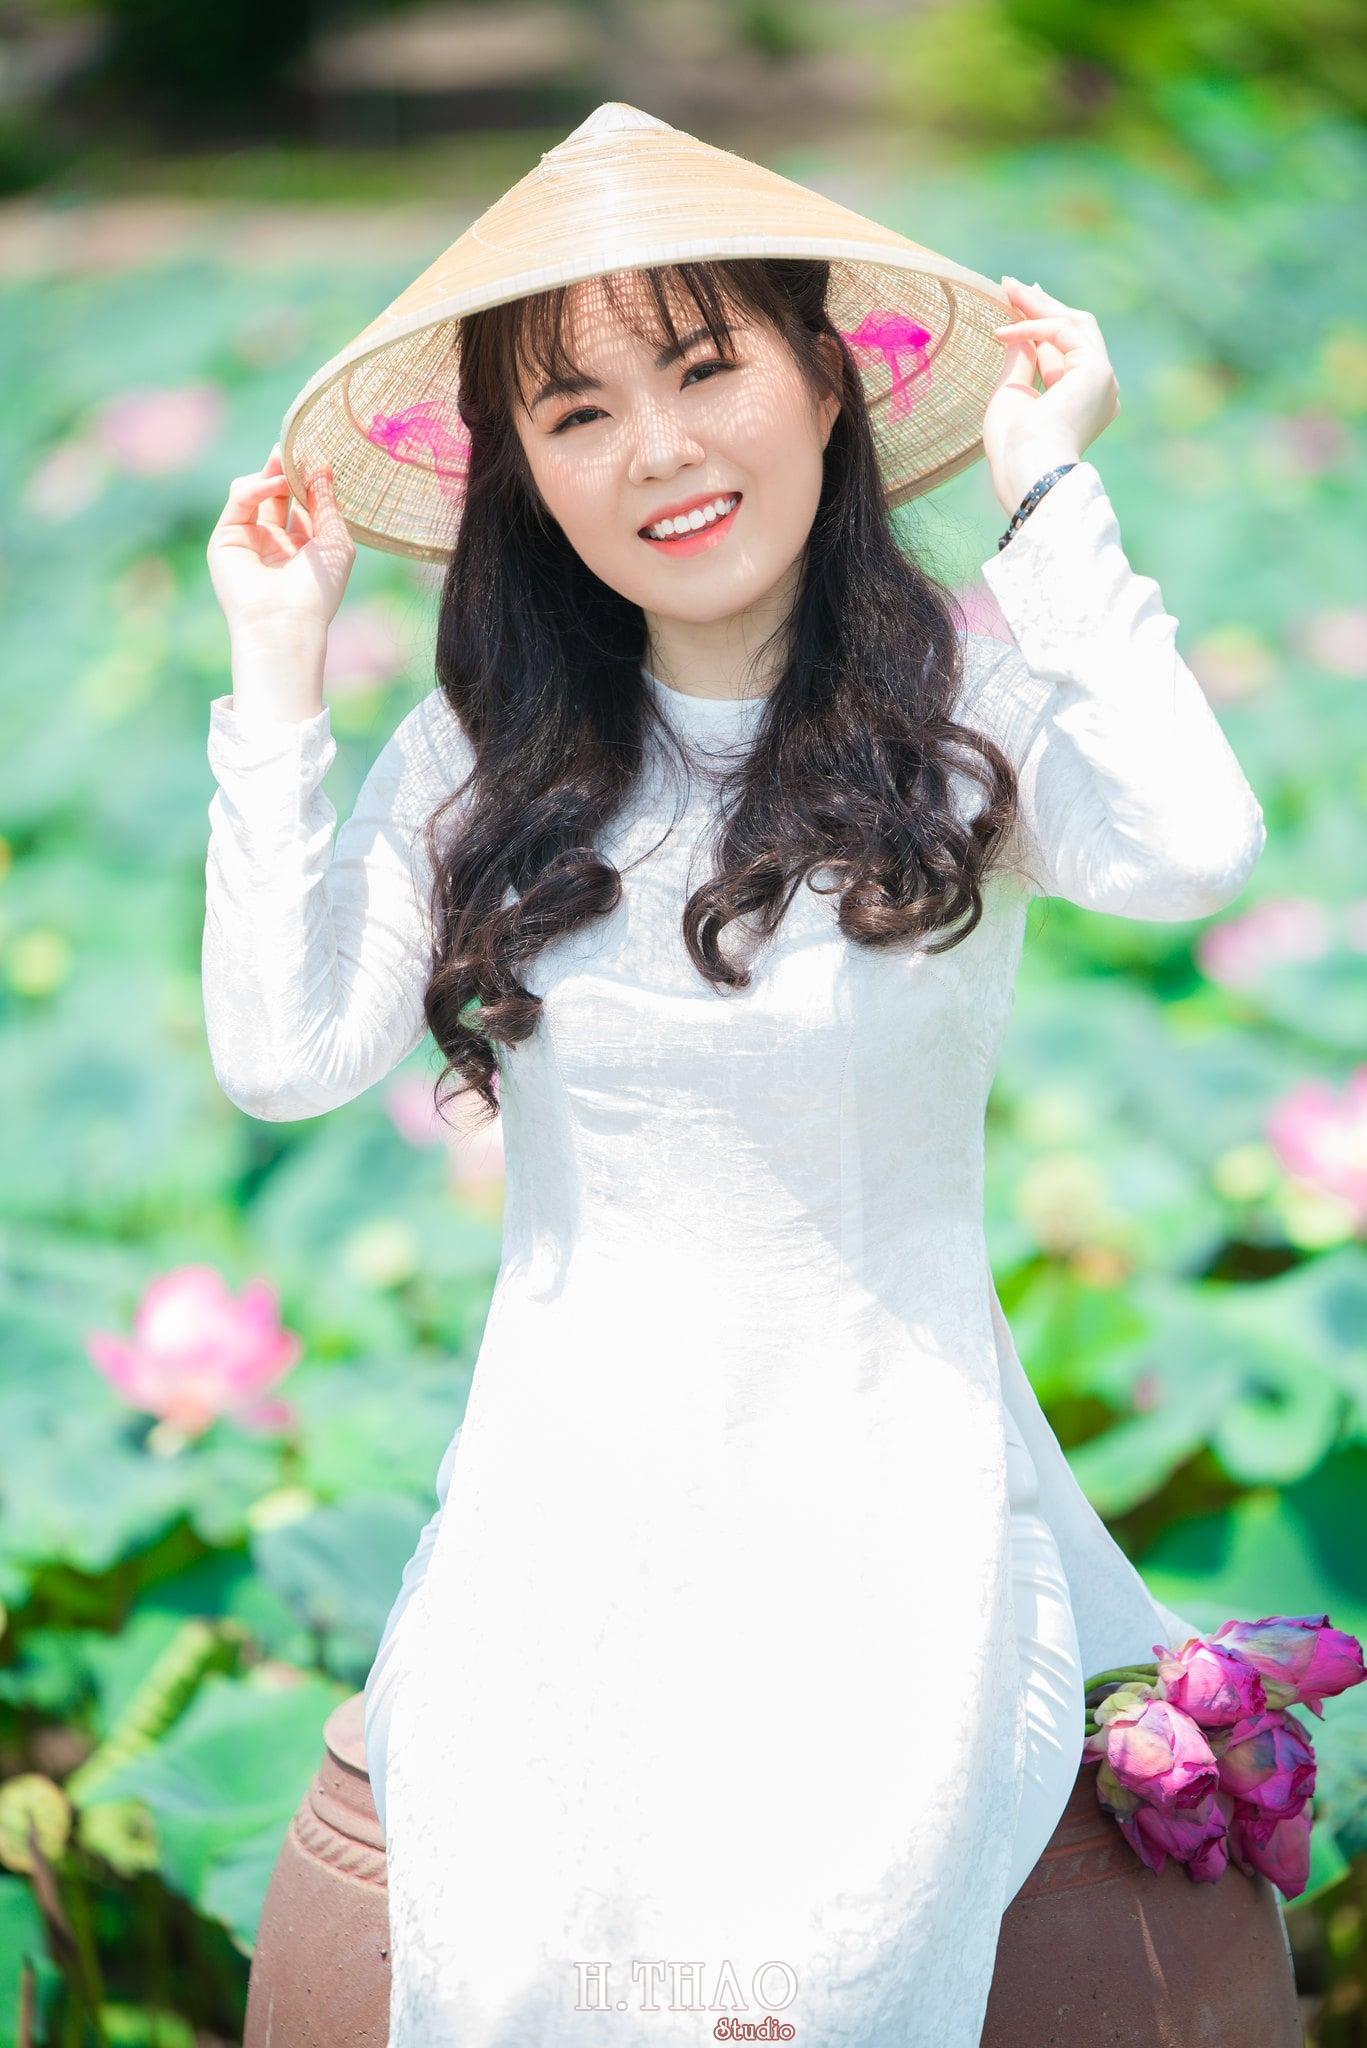 nh áo dài hoa sen 10 - Góc ảnh thiếu nữ áo dài bên hoa sen đẹp tinh khôi- HThao Studio